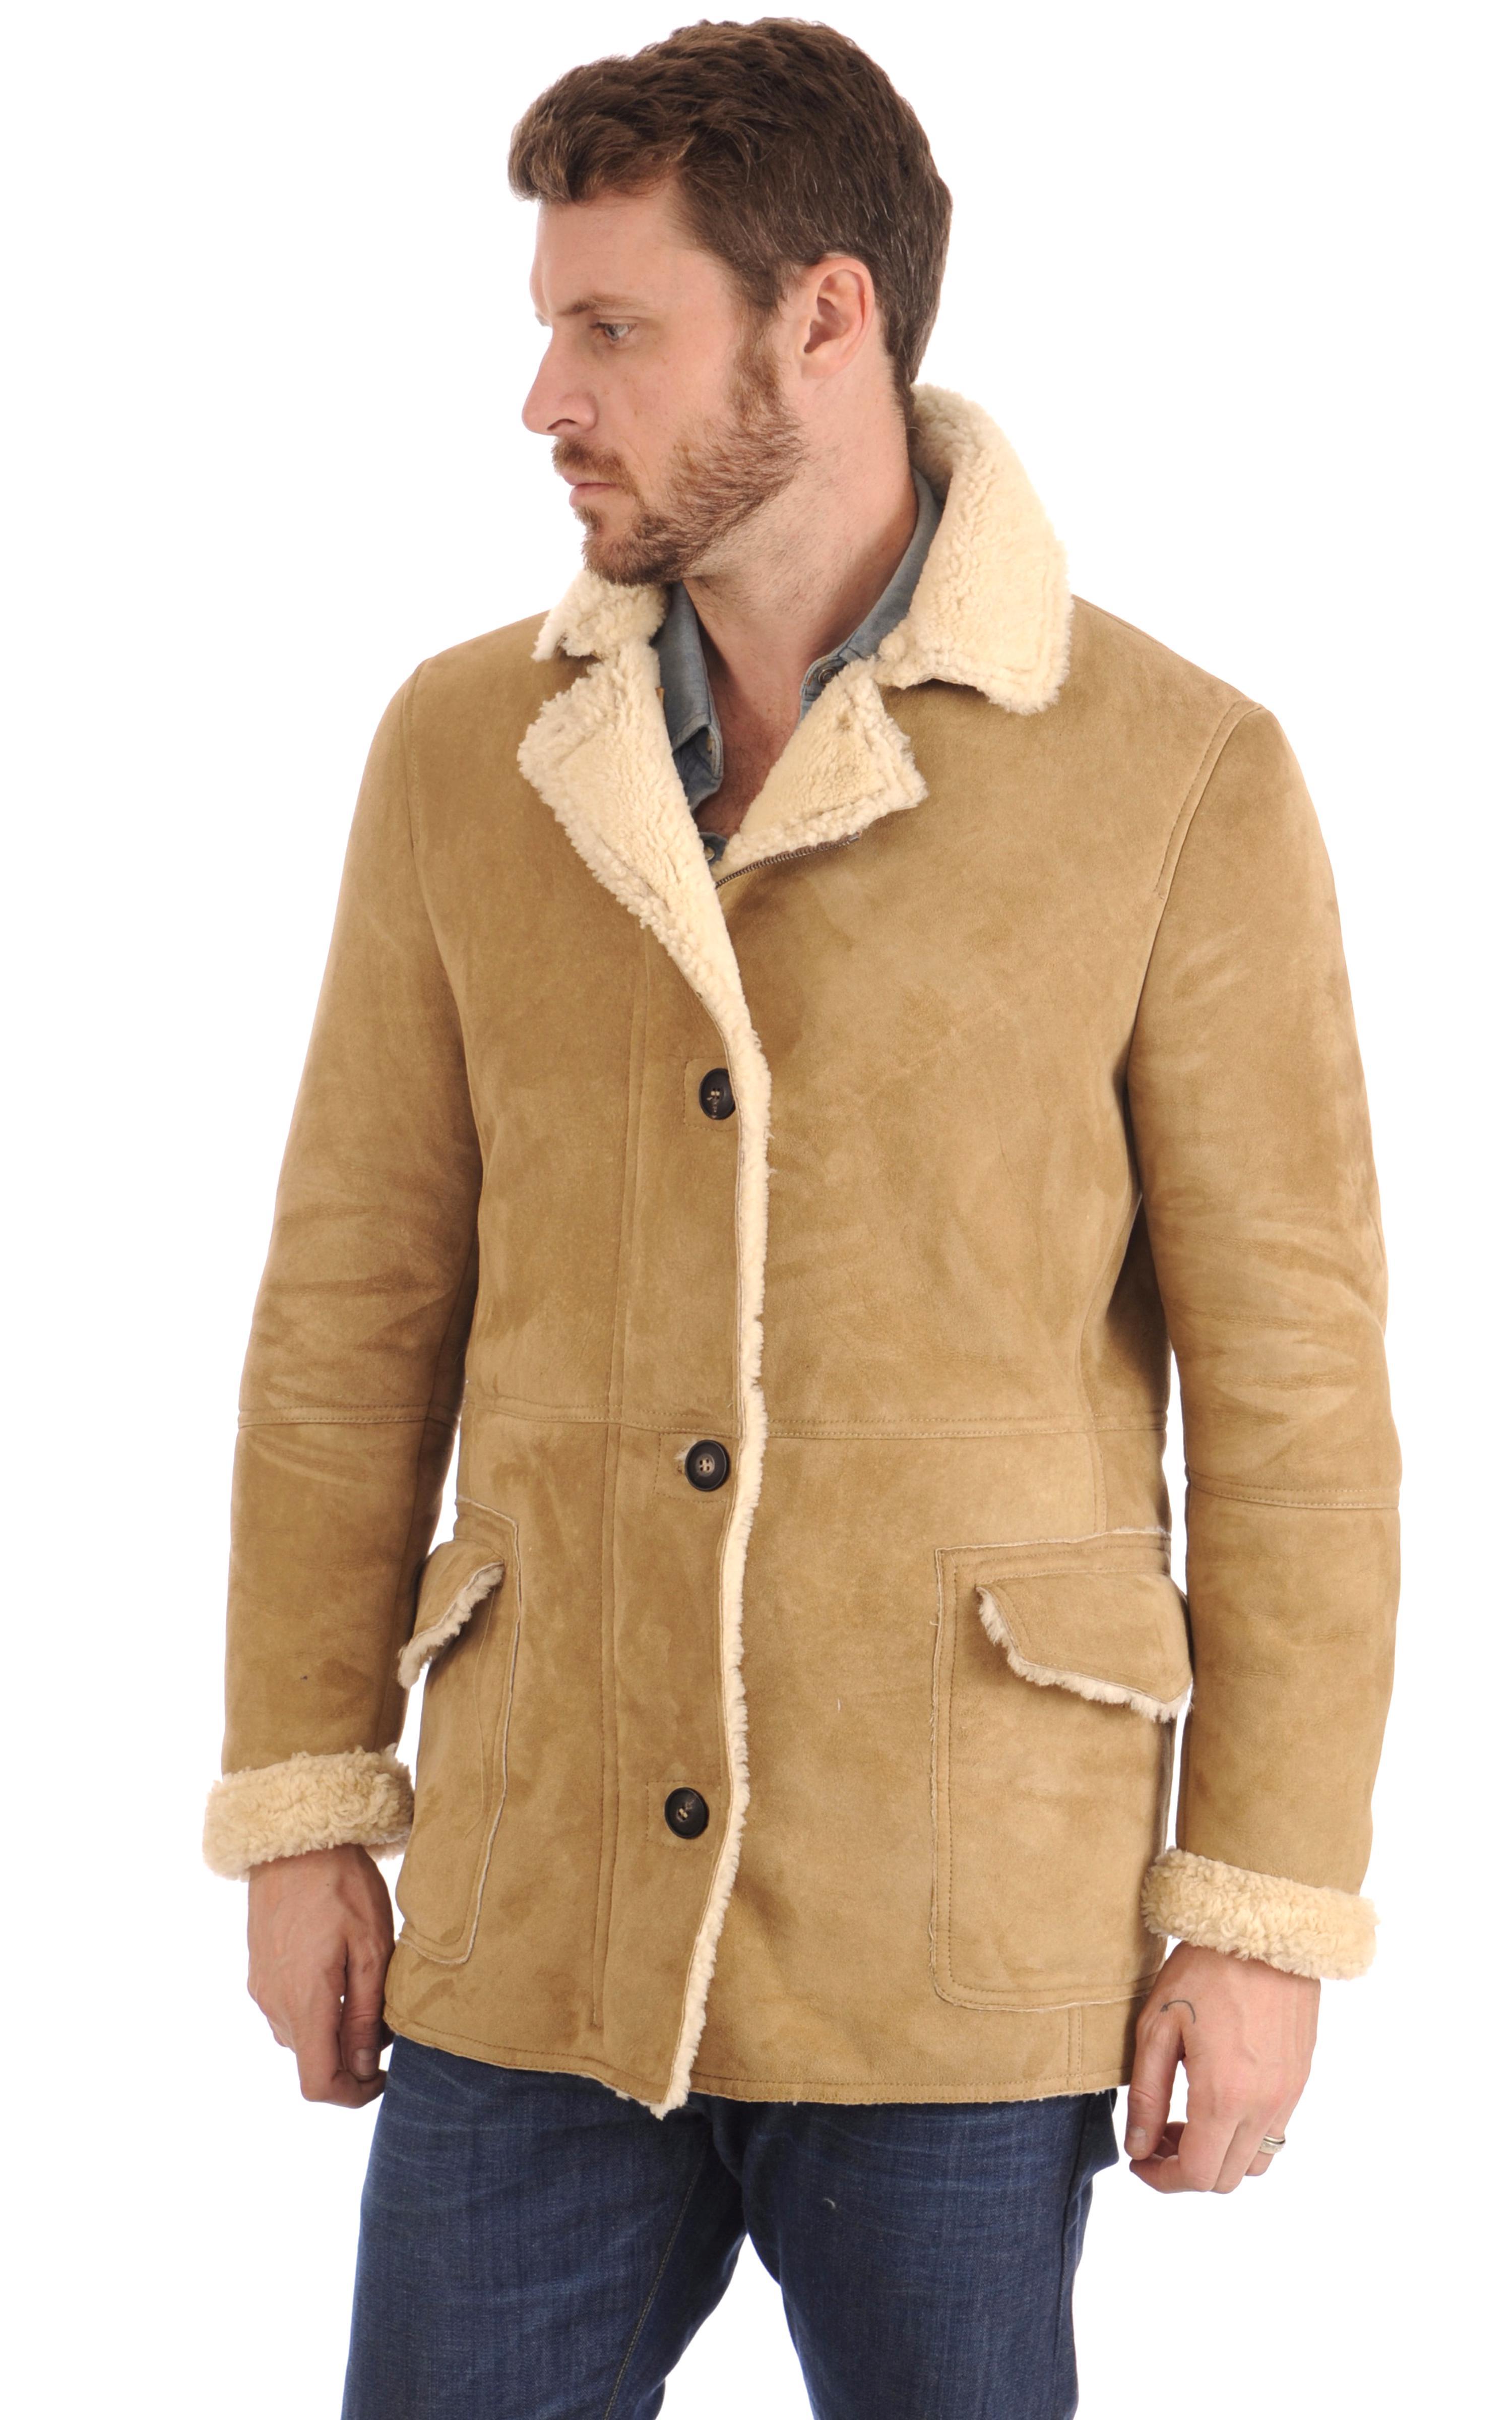 manteau peau homme d'occasion